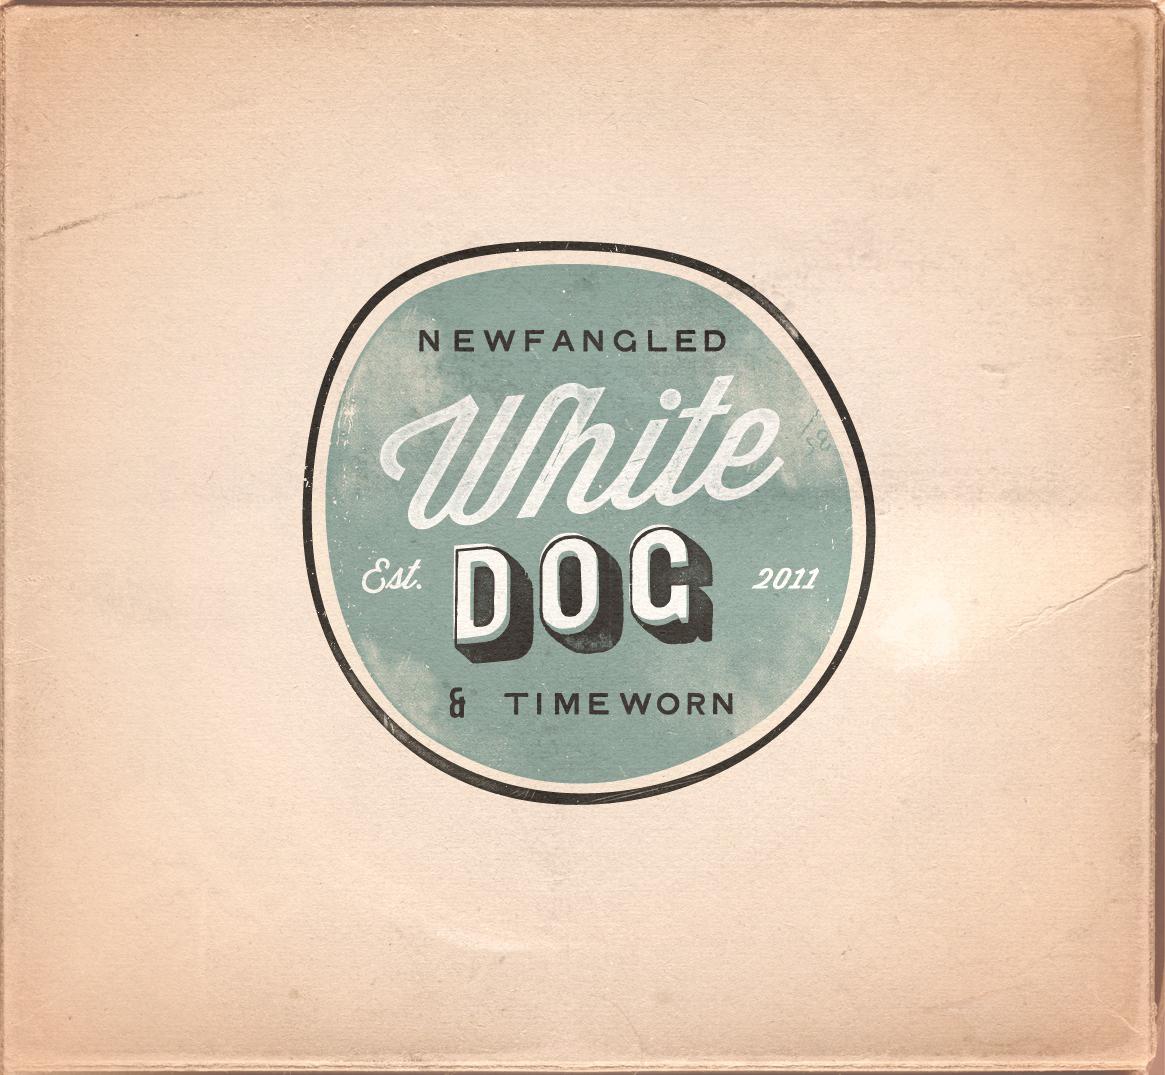 WhiteDogLogoTextured.jpg